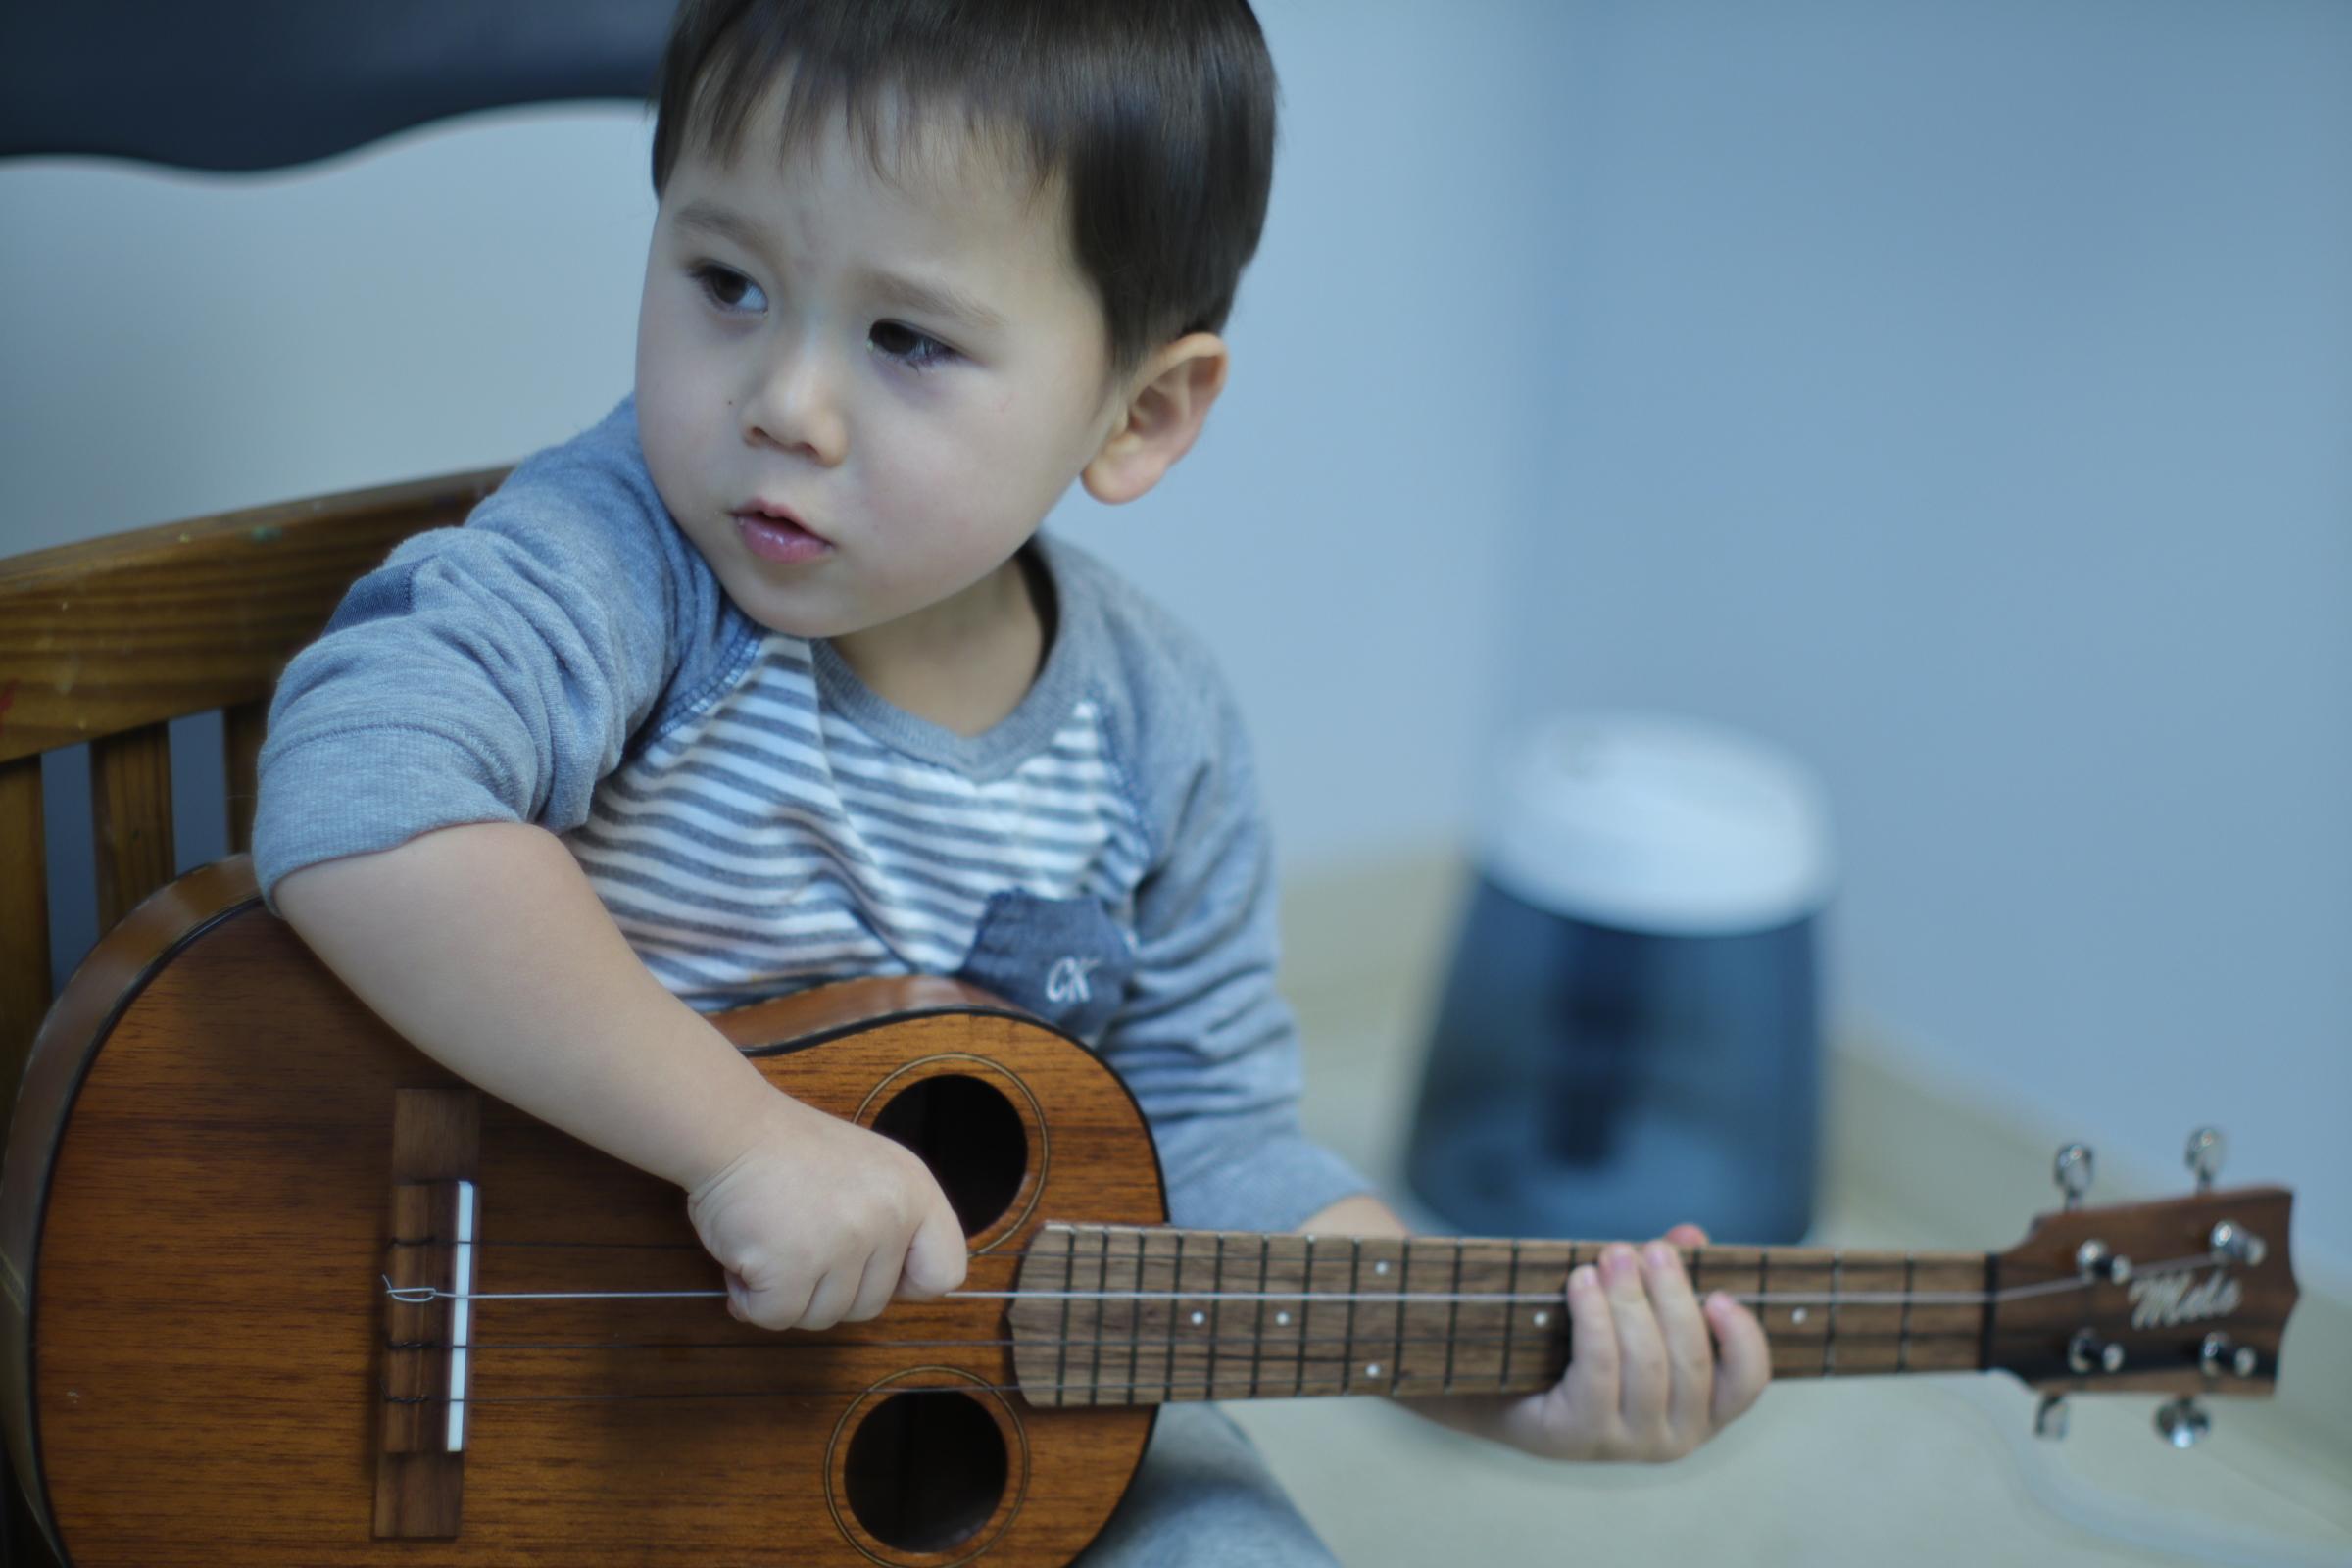 Kai plays ukulele